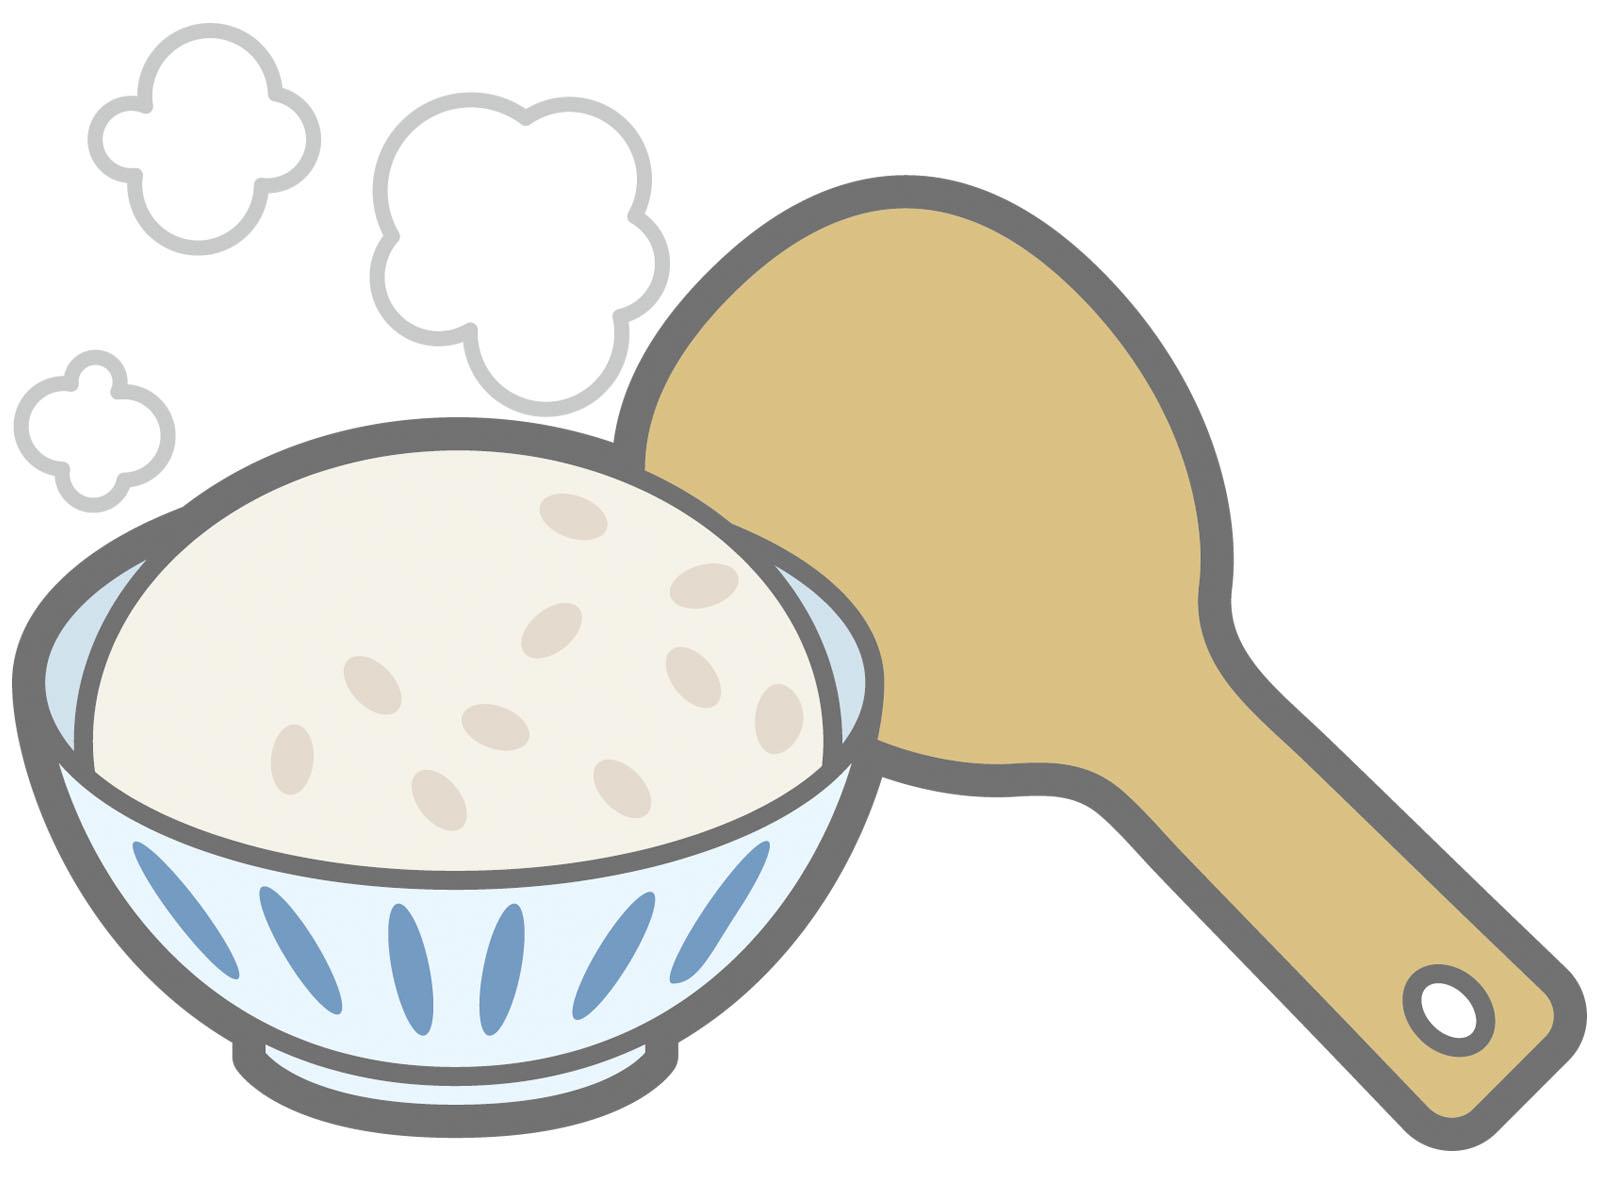 糖質制限食(低炭水化物食)における糖質1日の必要量